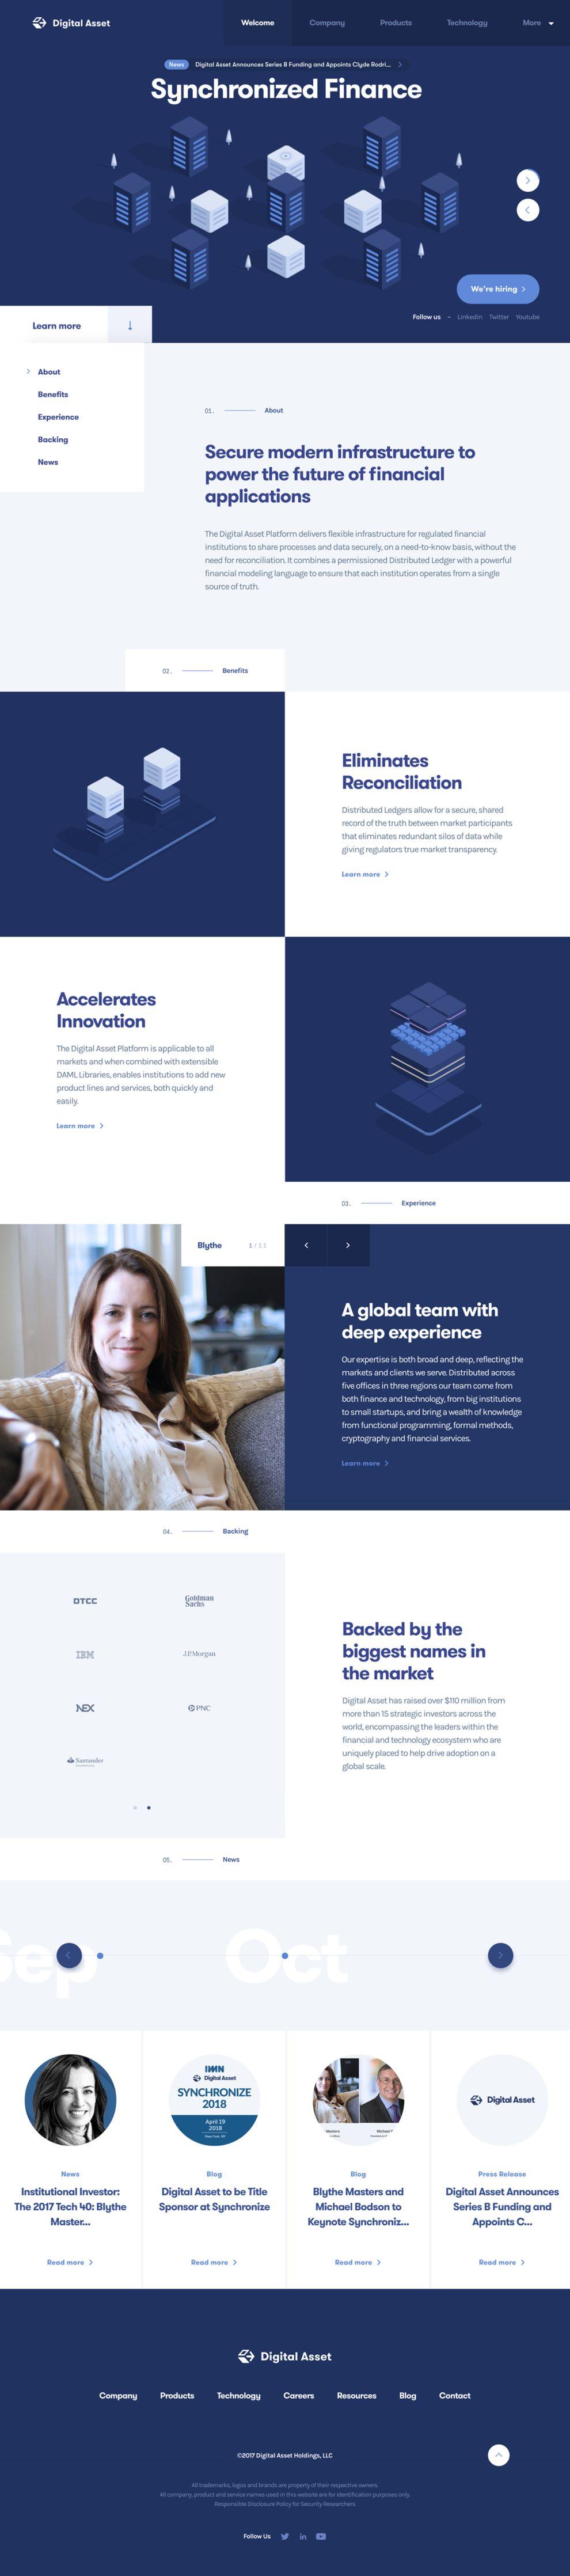 Digital Asset Elegant Website Design